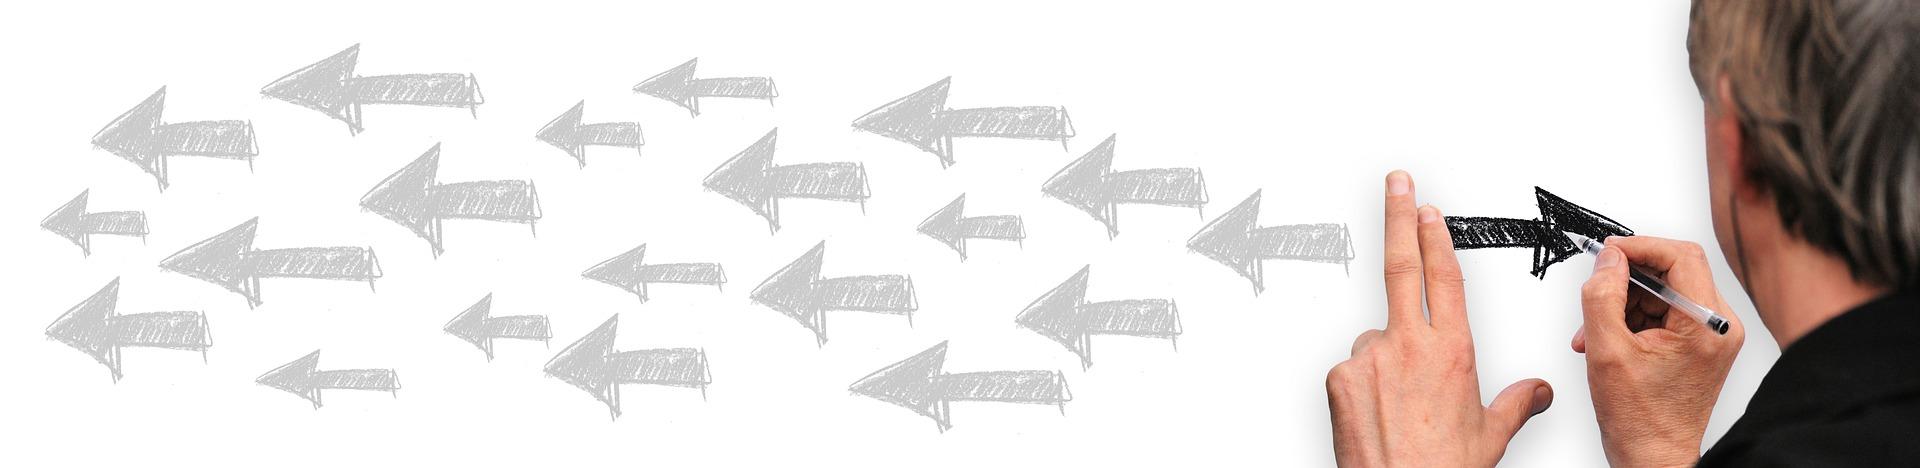 Rumbo-a-la-Reforma-Fiscal-2022-Grupo-de-Trabajo-para-la-Transicion-Hacendaria-2-0.jpg